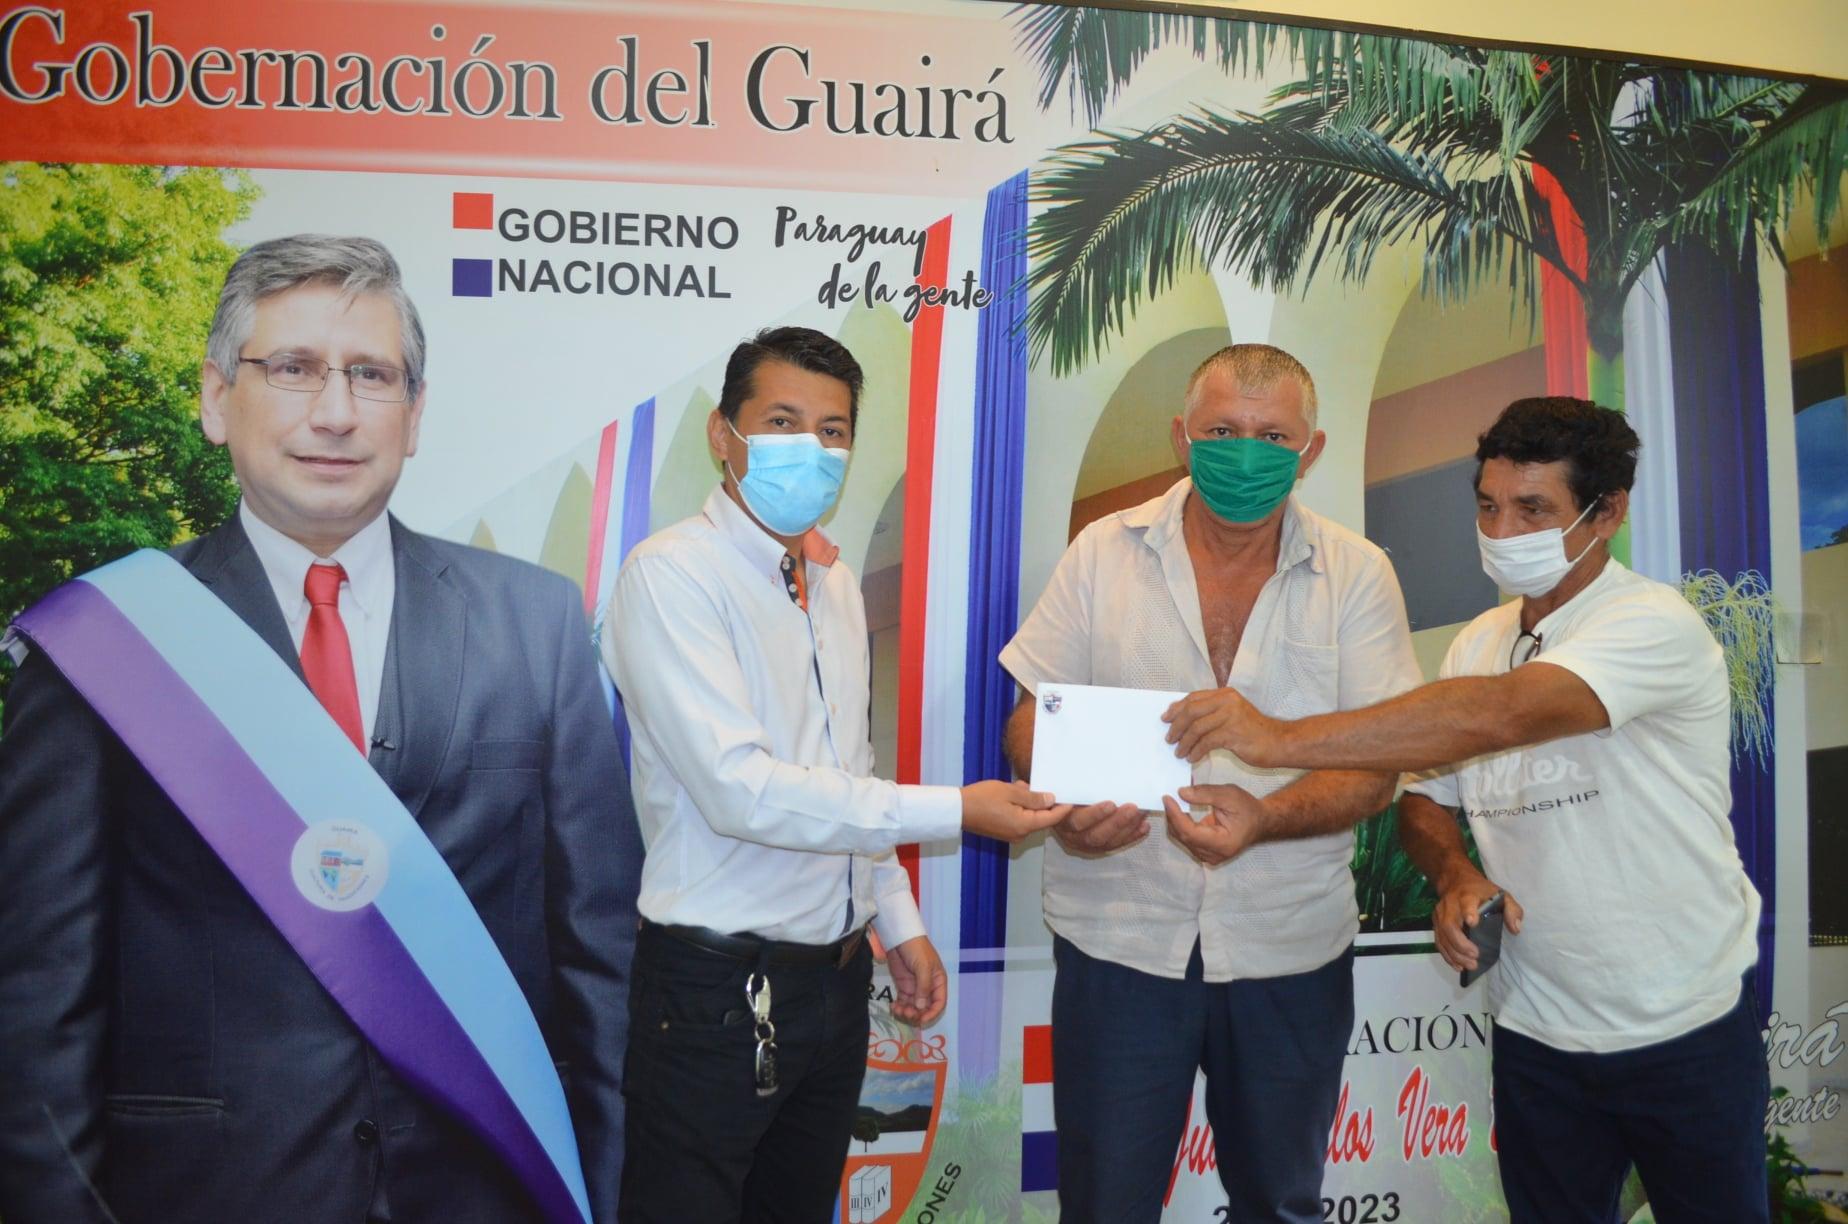 Guairá: Entregan aporte a comisión para construcción de pozo artesiano